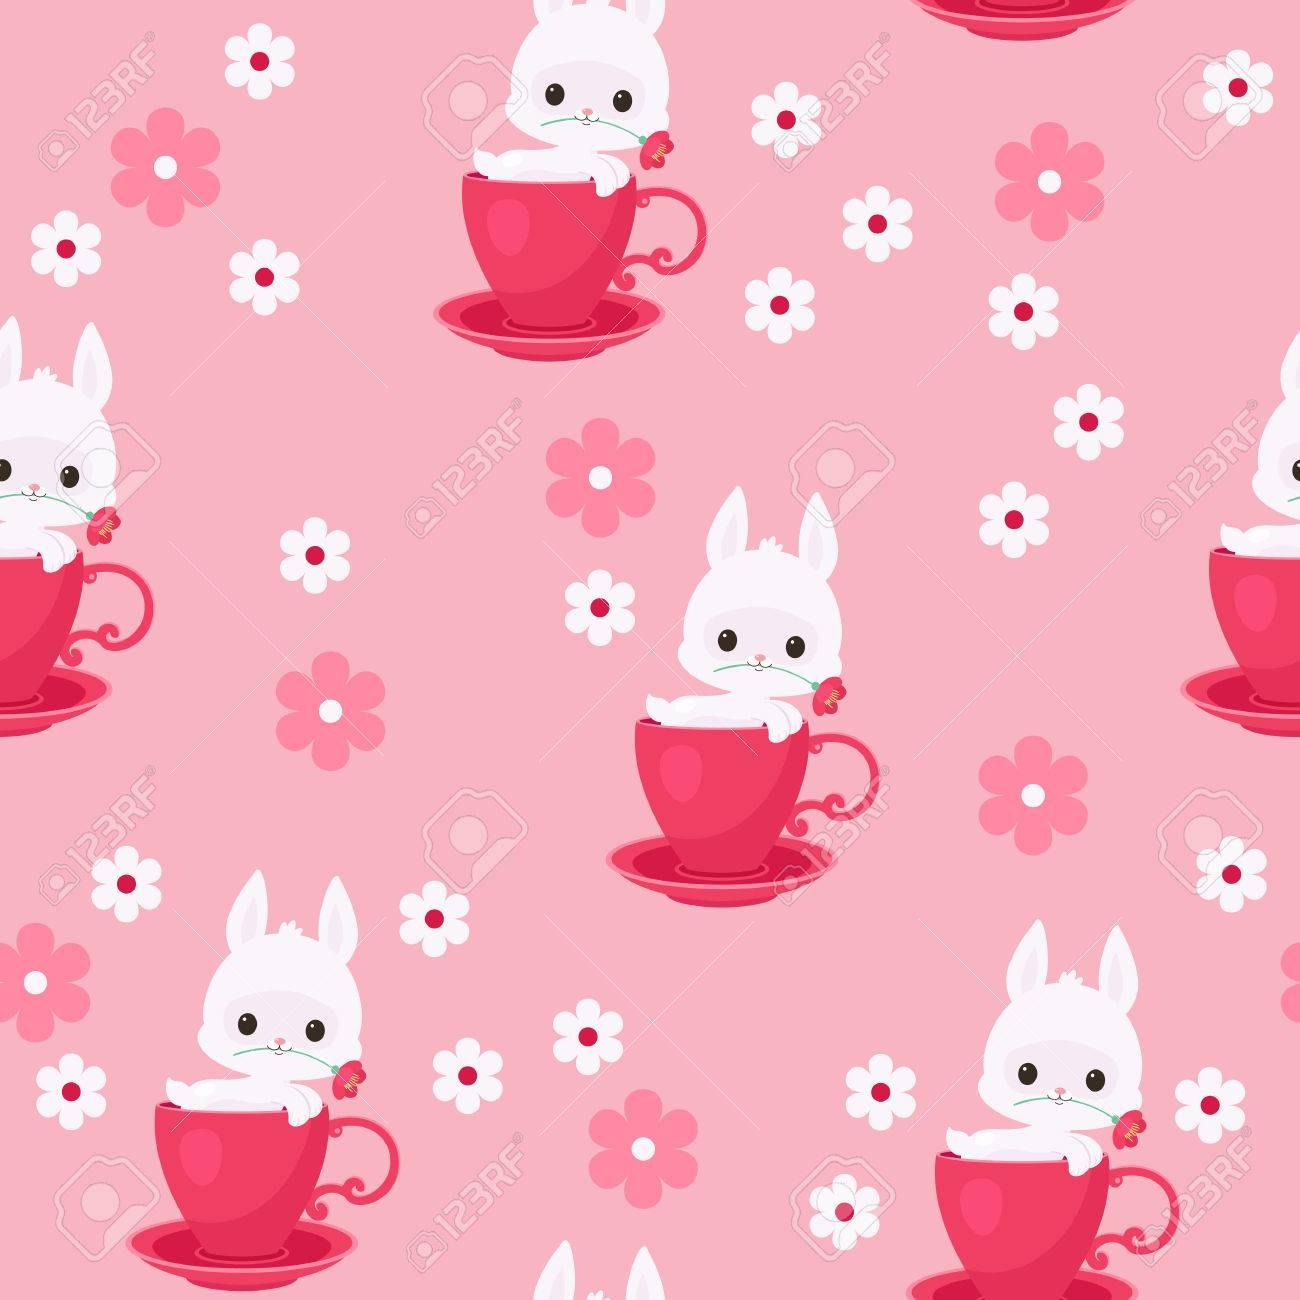 白ウサギ 紅茶 コーヒー カップのベクトル図のウサギ かわいい好奇心